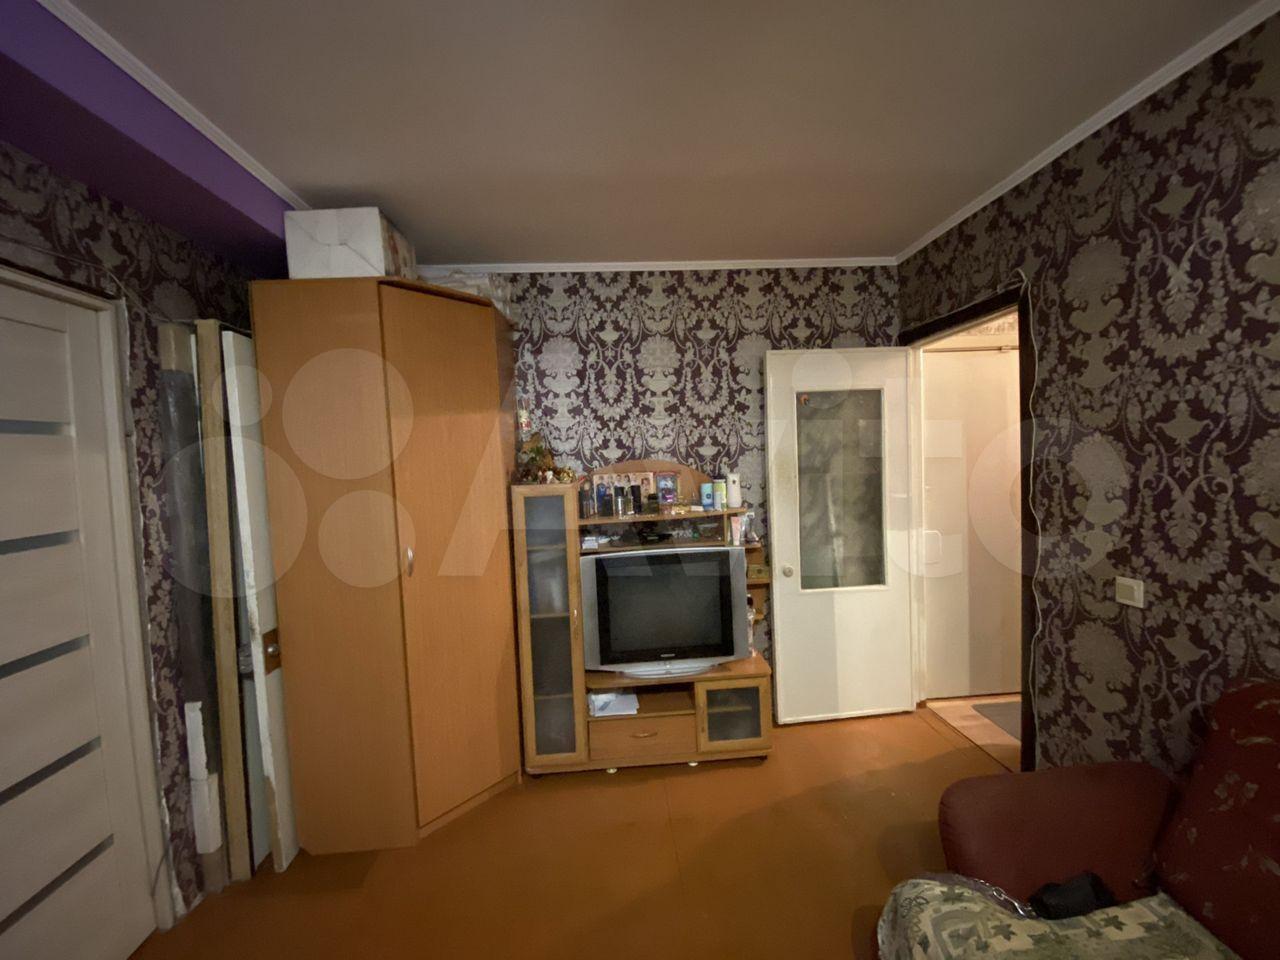 3-к квартира, 54.9 м², 6/9 эт. 89831698037 купить 3